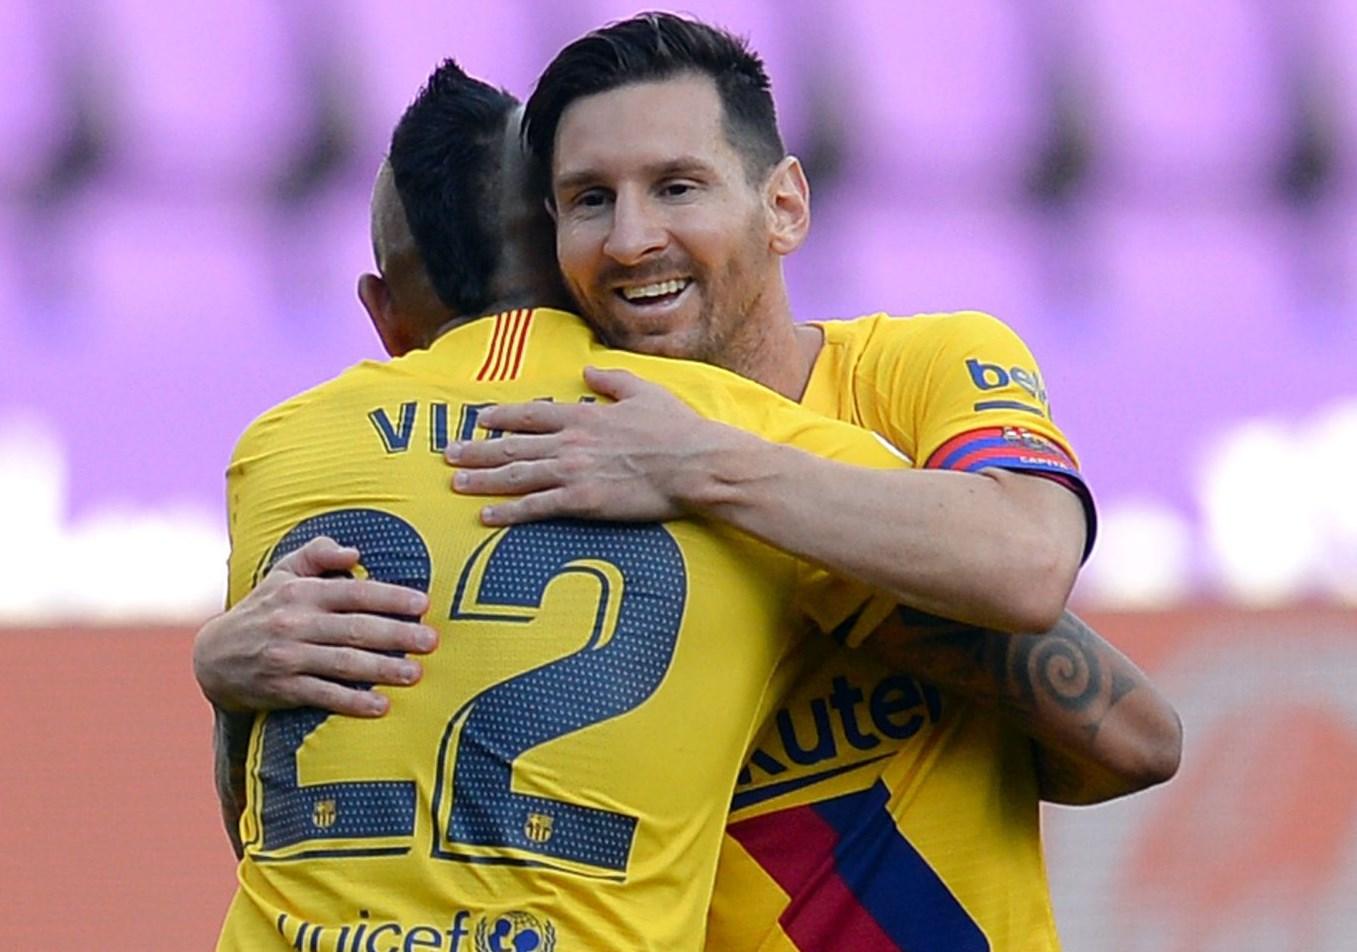 بطولة اسبانيا- برشلونة يفوز بصعوبة على بلد الوليد ويواصل ملاحقة ريال مدريد